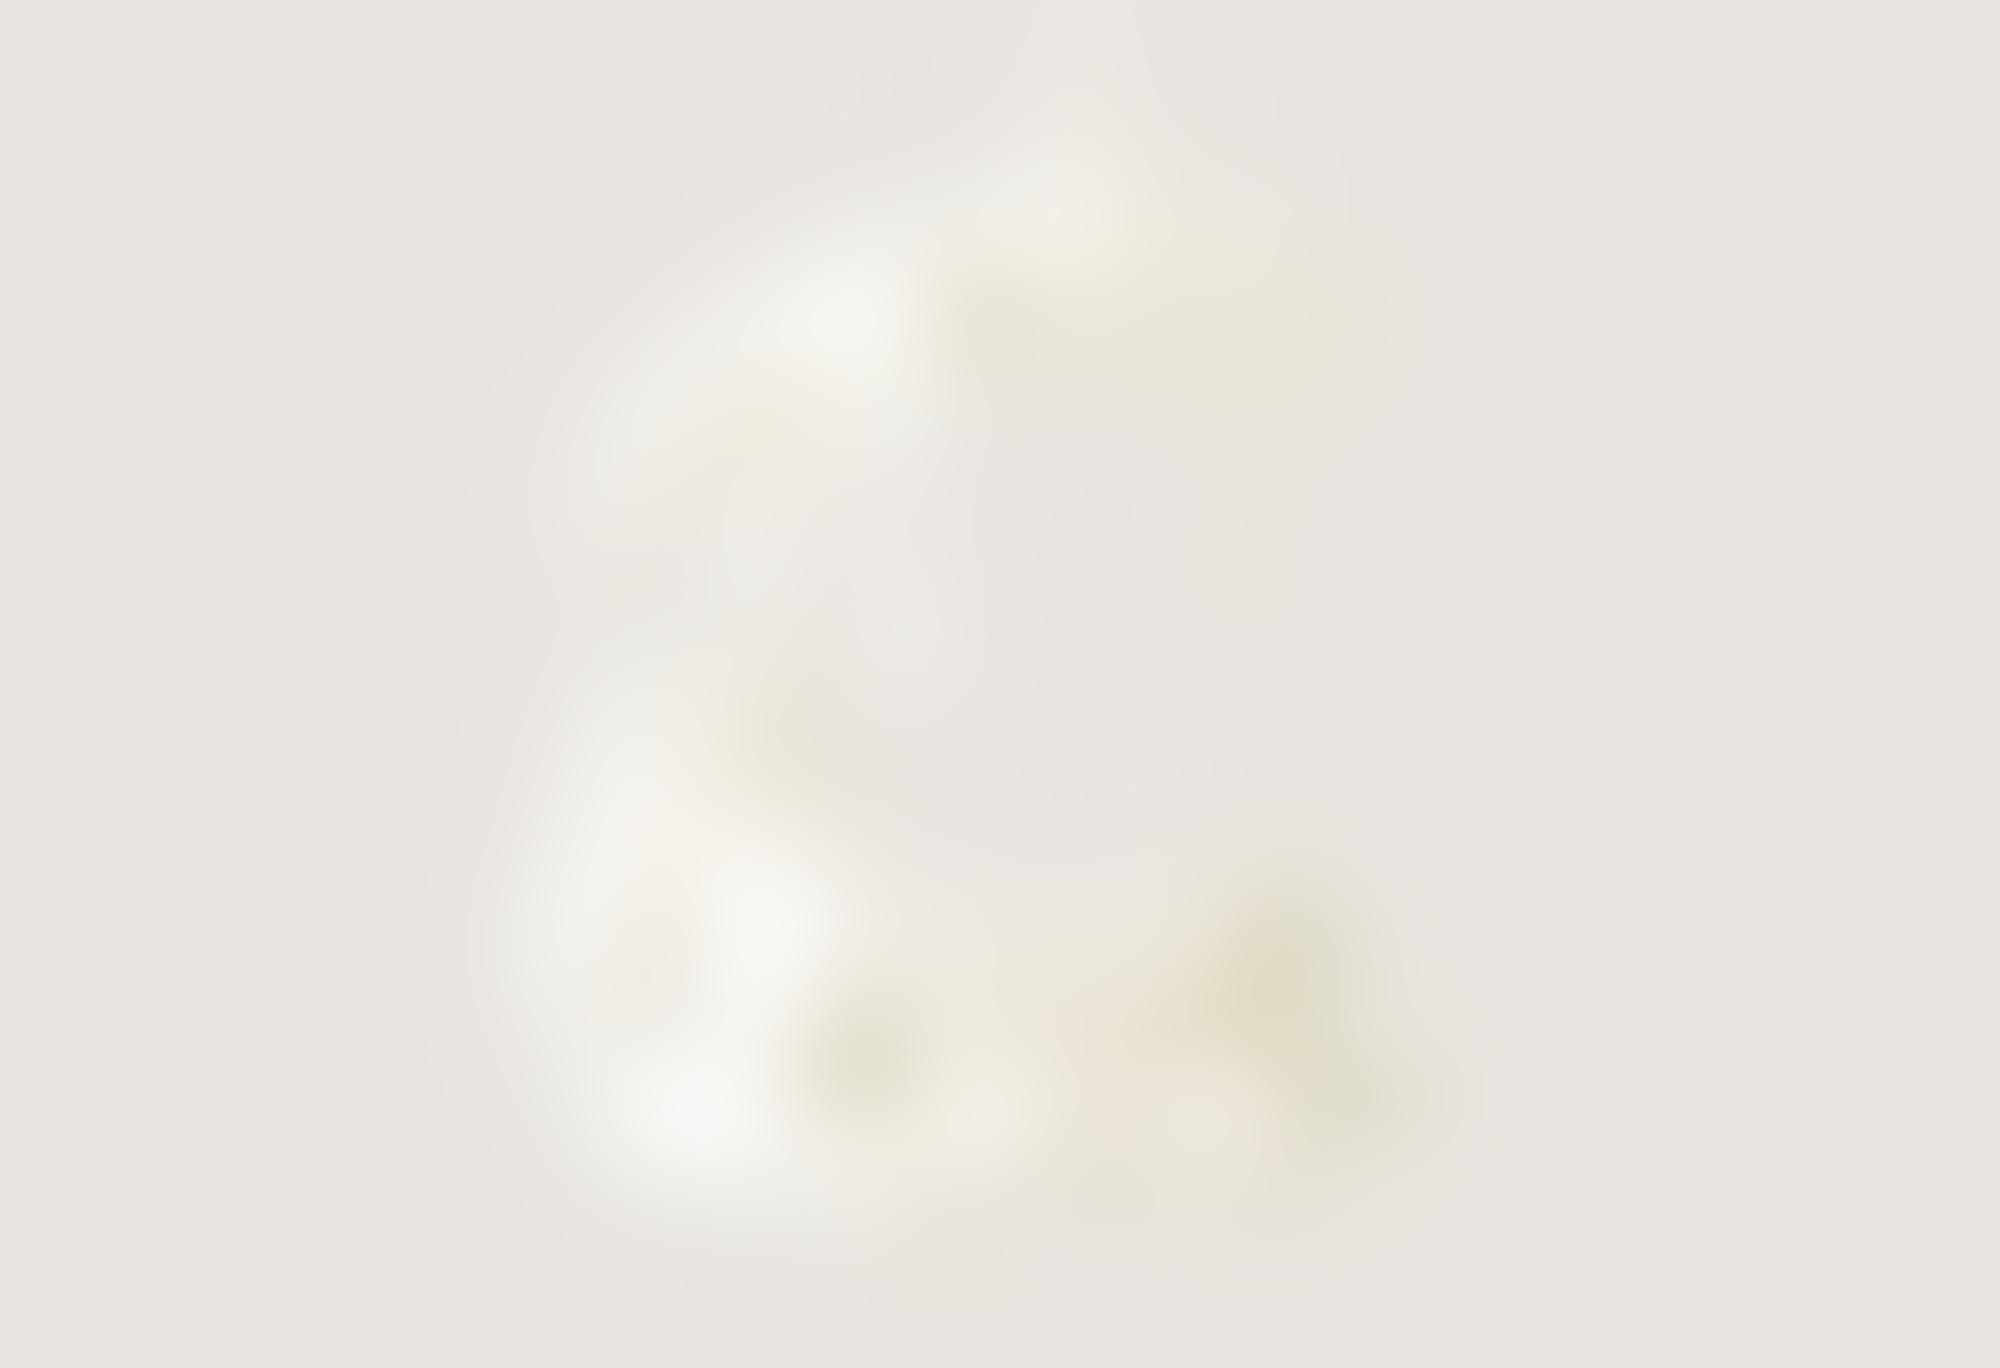 12 col portfolio 1170px wide ballantines 5 autocompressfitresizeixlibphp 1 1 0max h2000max w3 D2000q80sd64d63af77f9296f64db9d2e73b66698